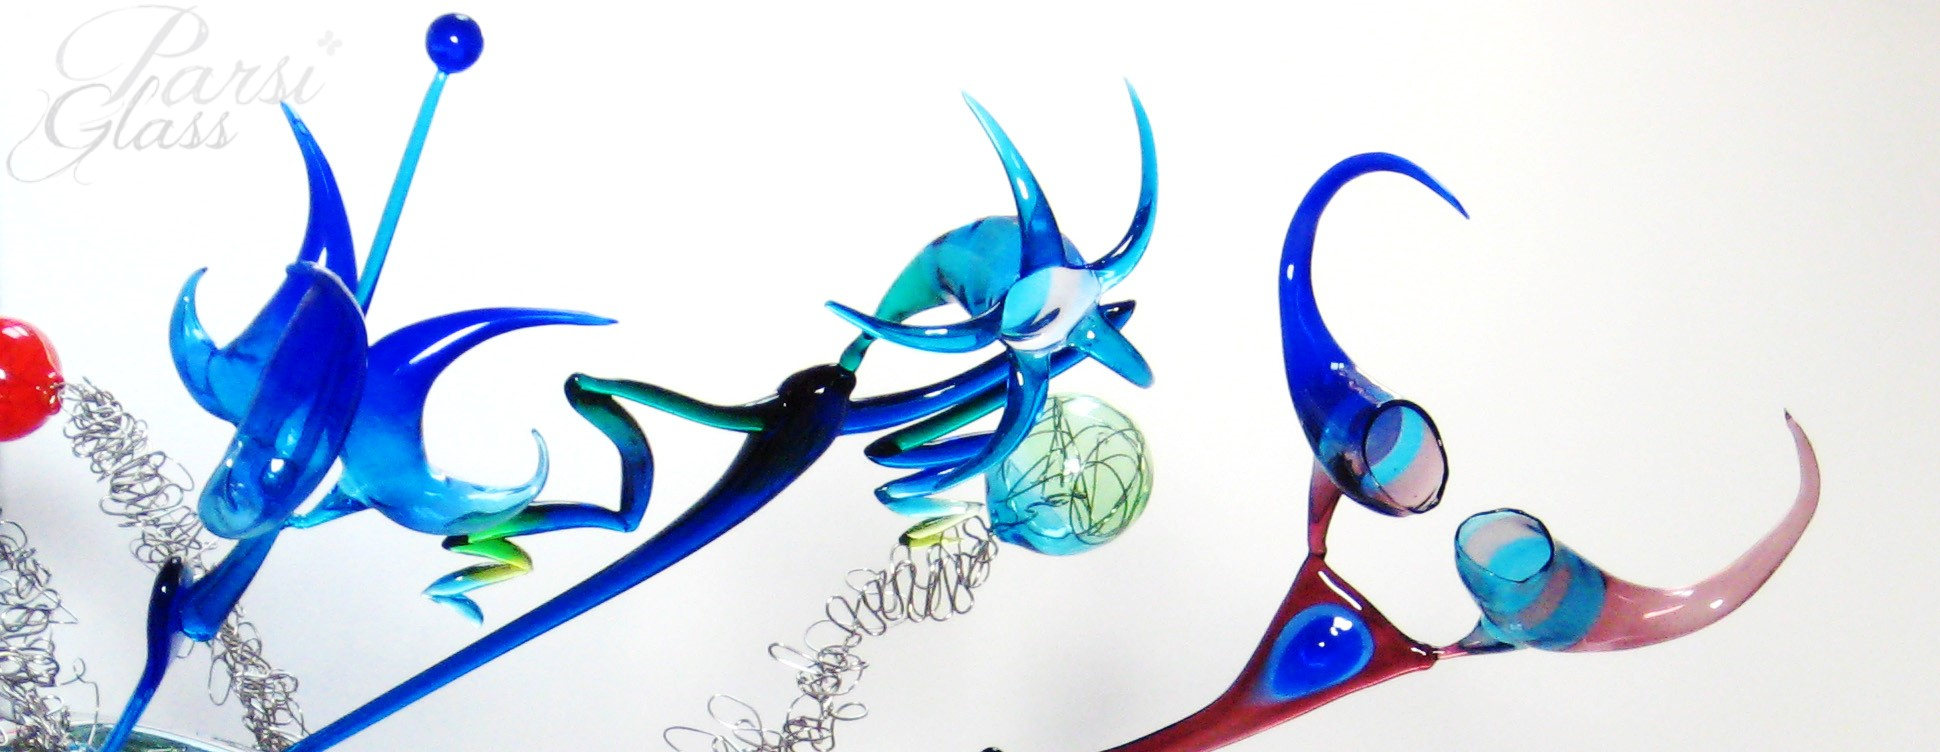 Parsi Glass, skleněné květiny, sklo, dekorace, umělecké sklo